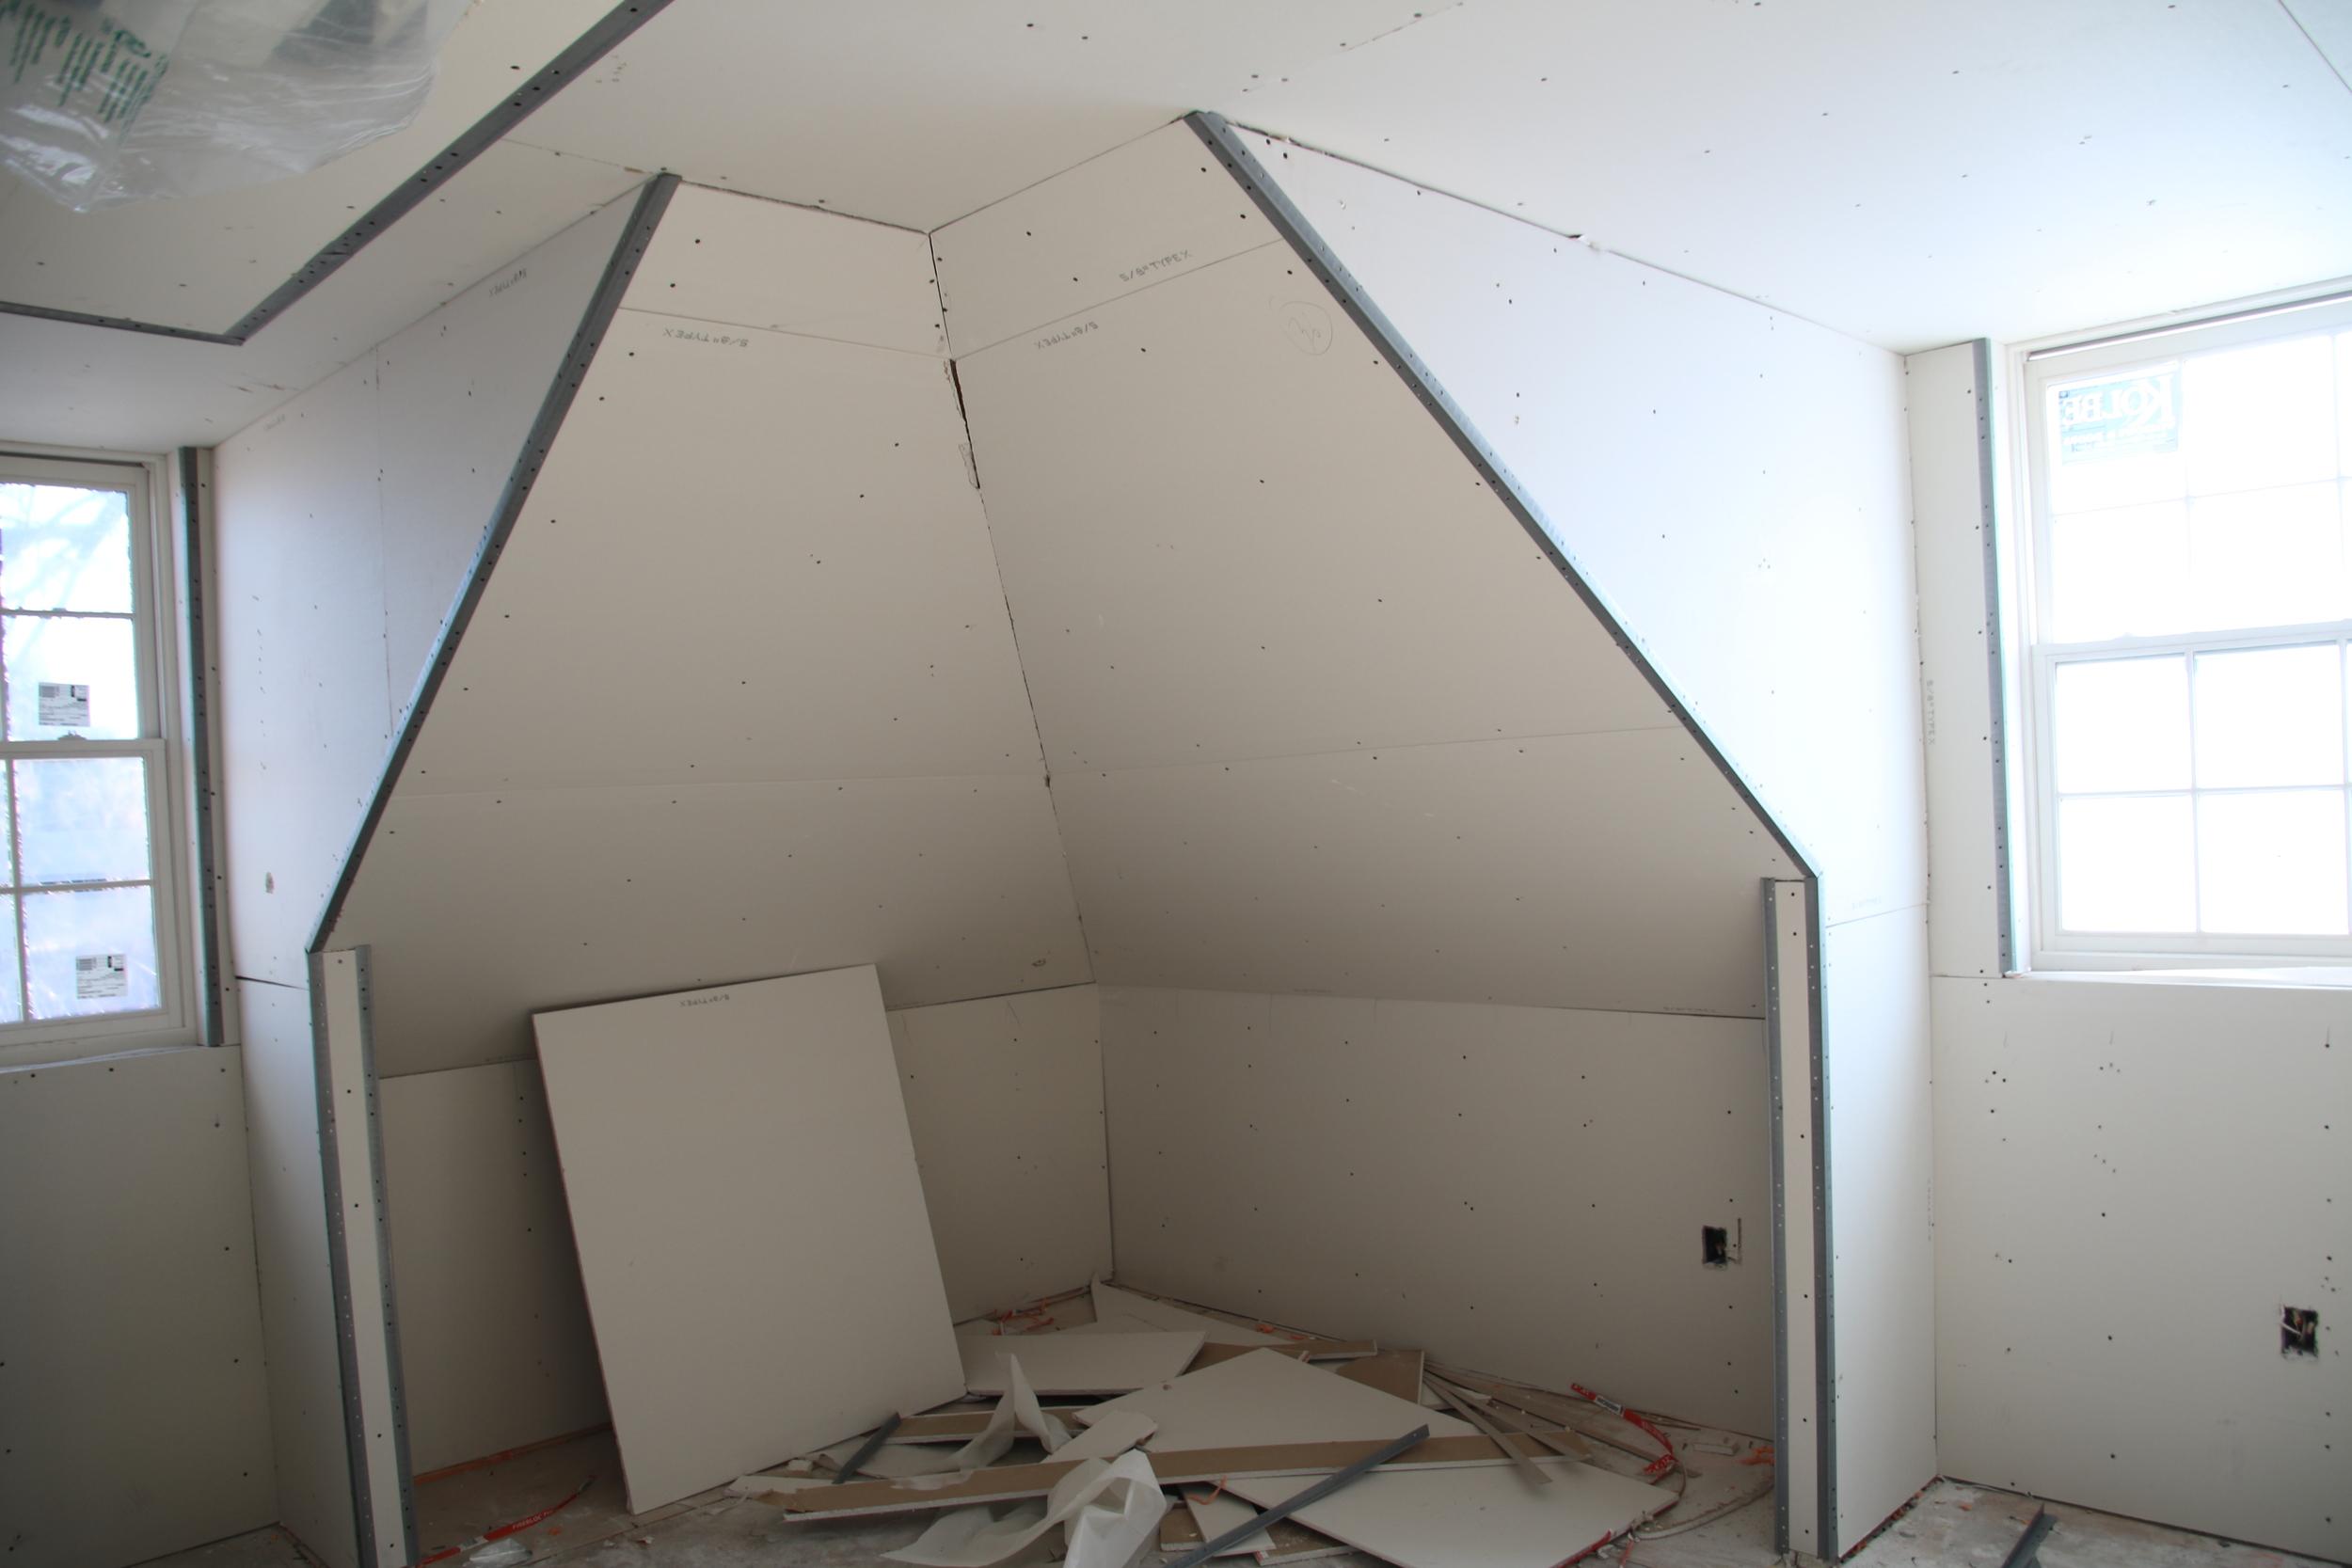 2015-11-24 3rd floor bedroom drywall.JPG